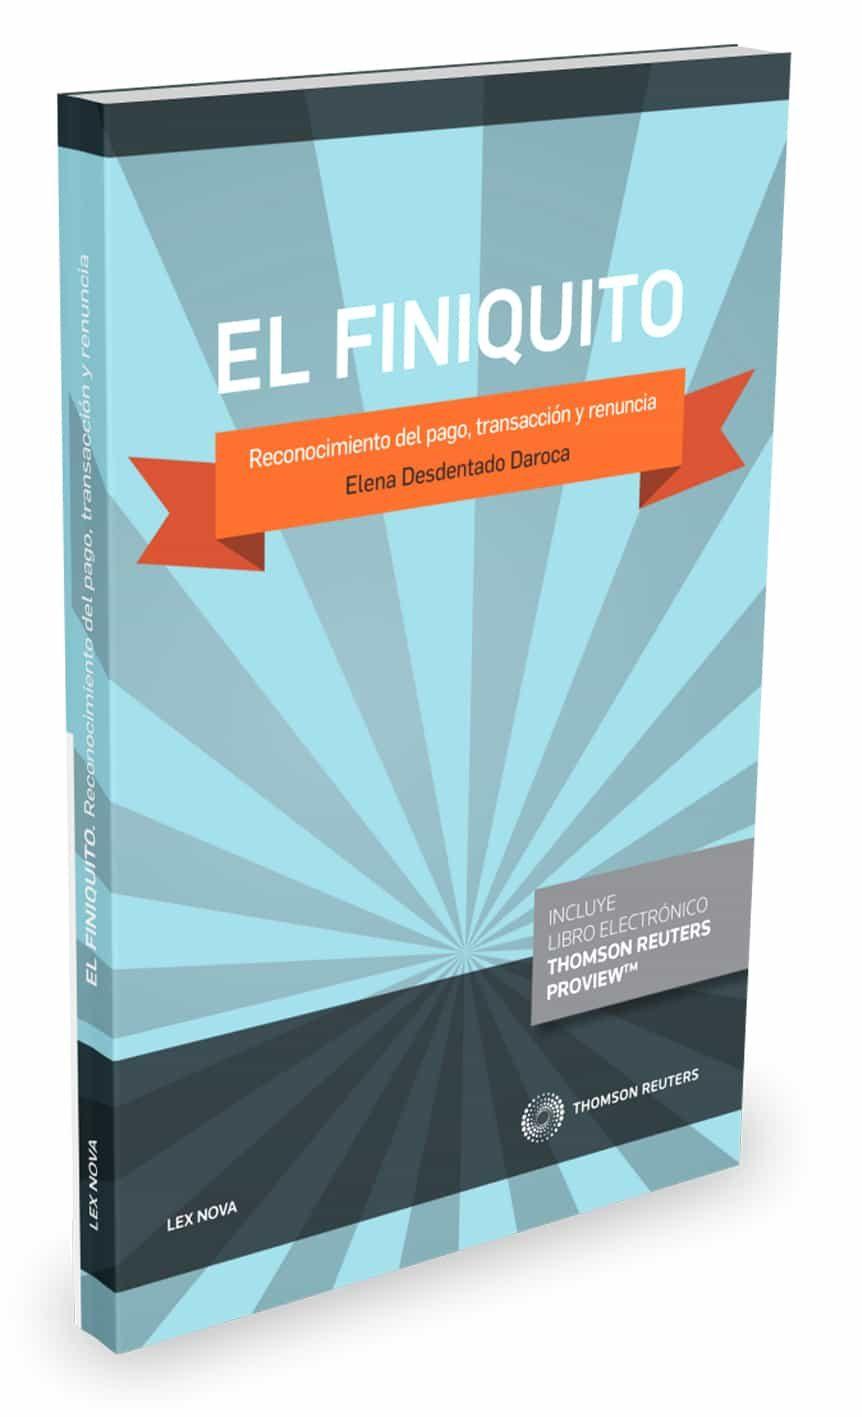 El Finiquito: Reconocimiento Del Pago Transaccion Y Renuncia - Desdentado Daroca Elena